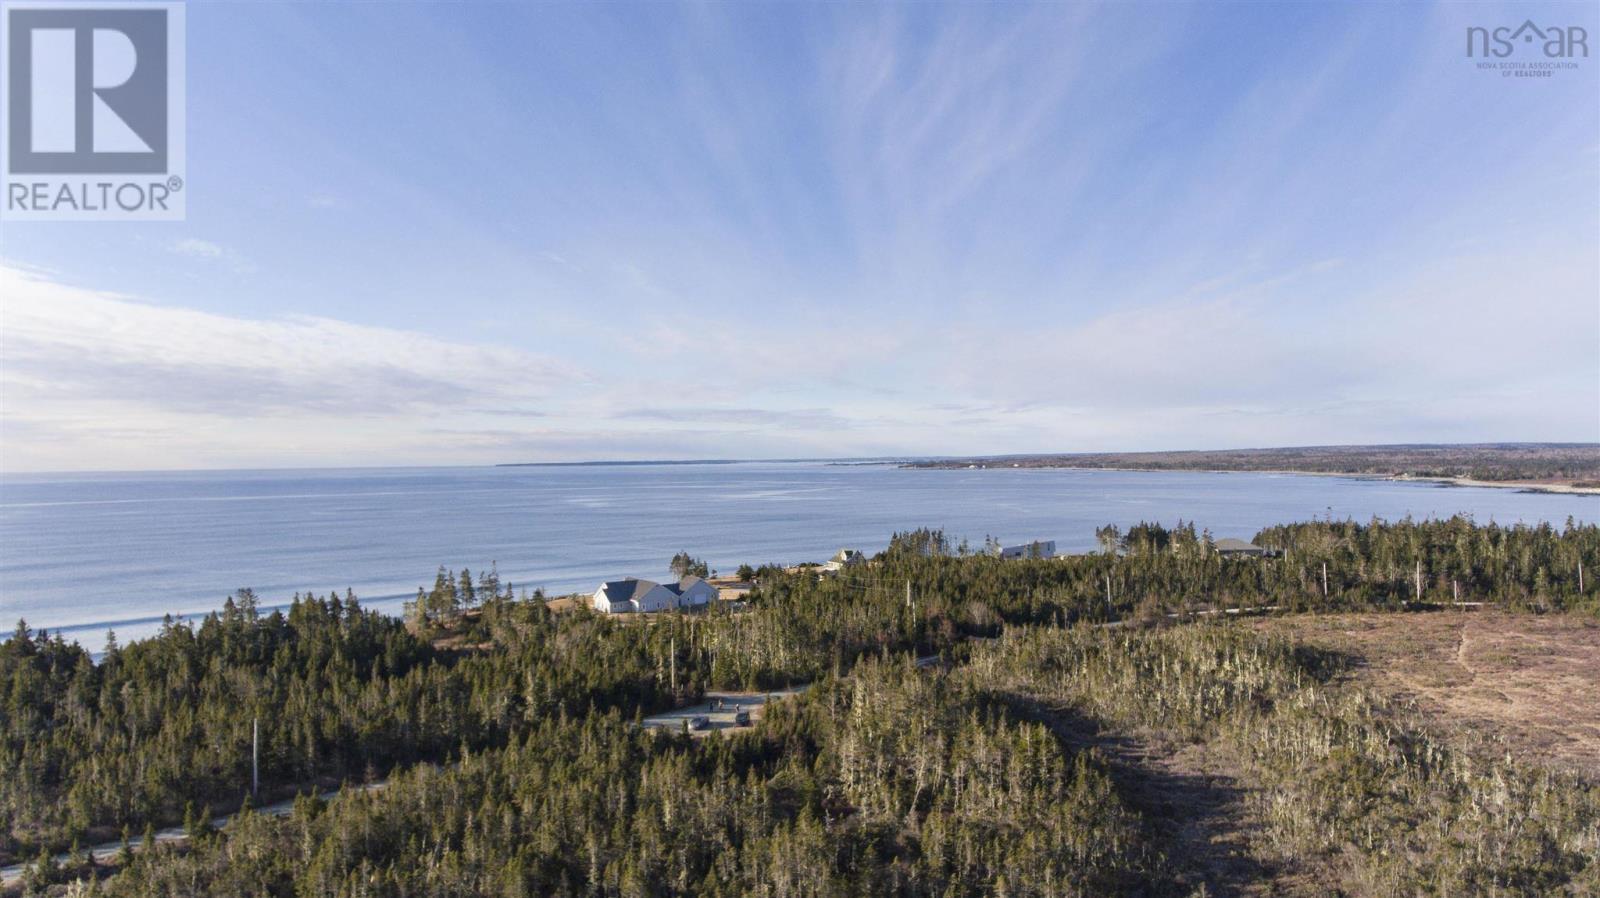 Lot 4-9 Pierce Point Road, Western Head, Nova Scotia  B0T 1G0 - Photo 2 - 202123567